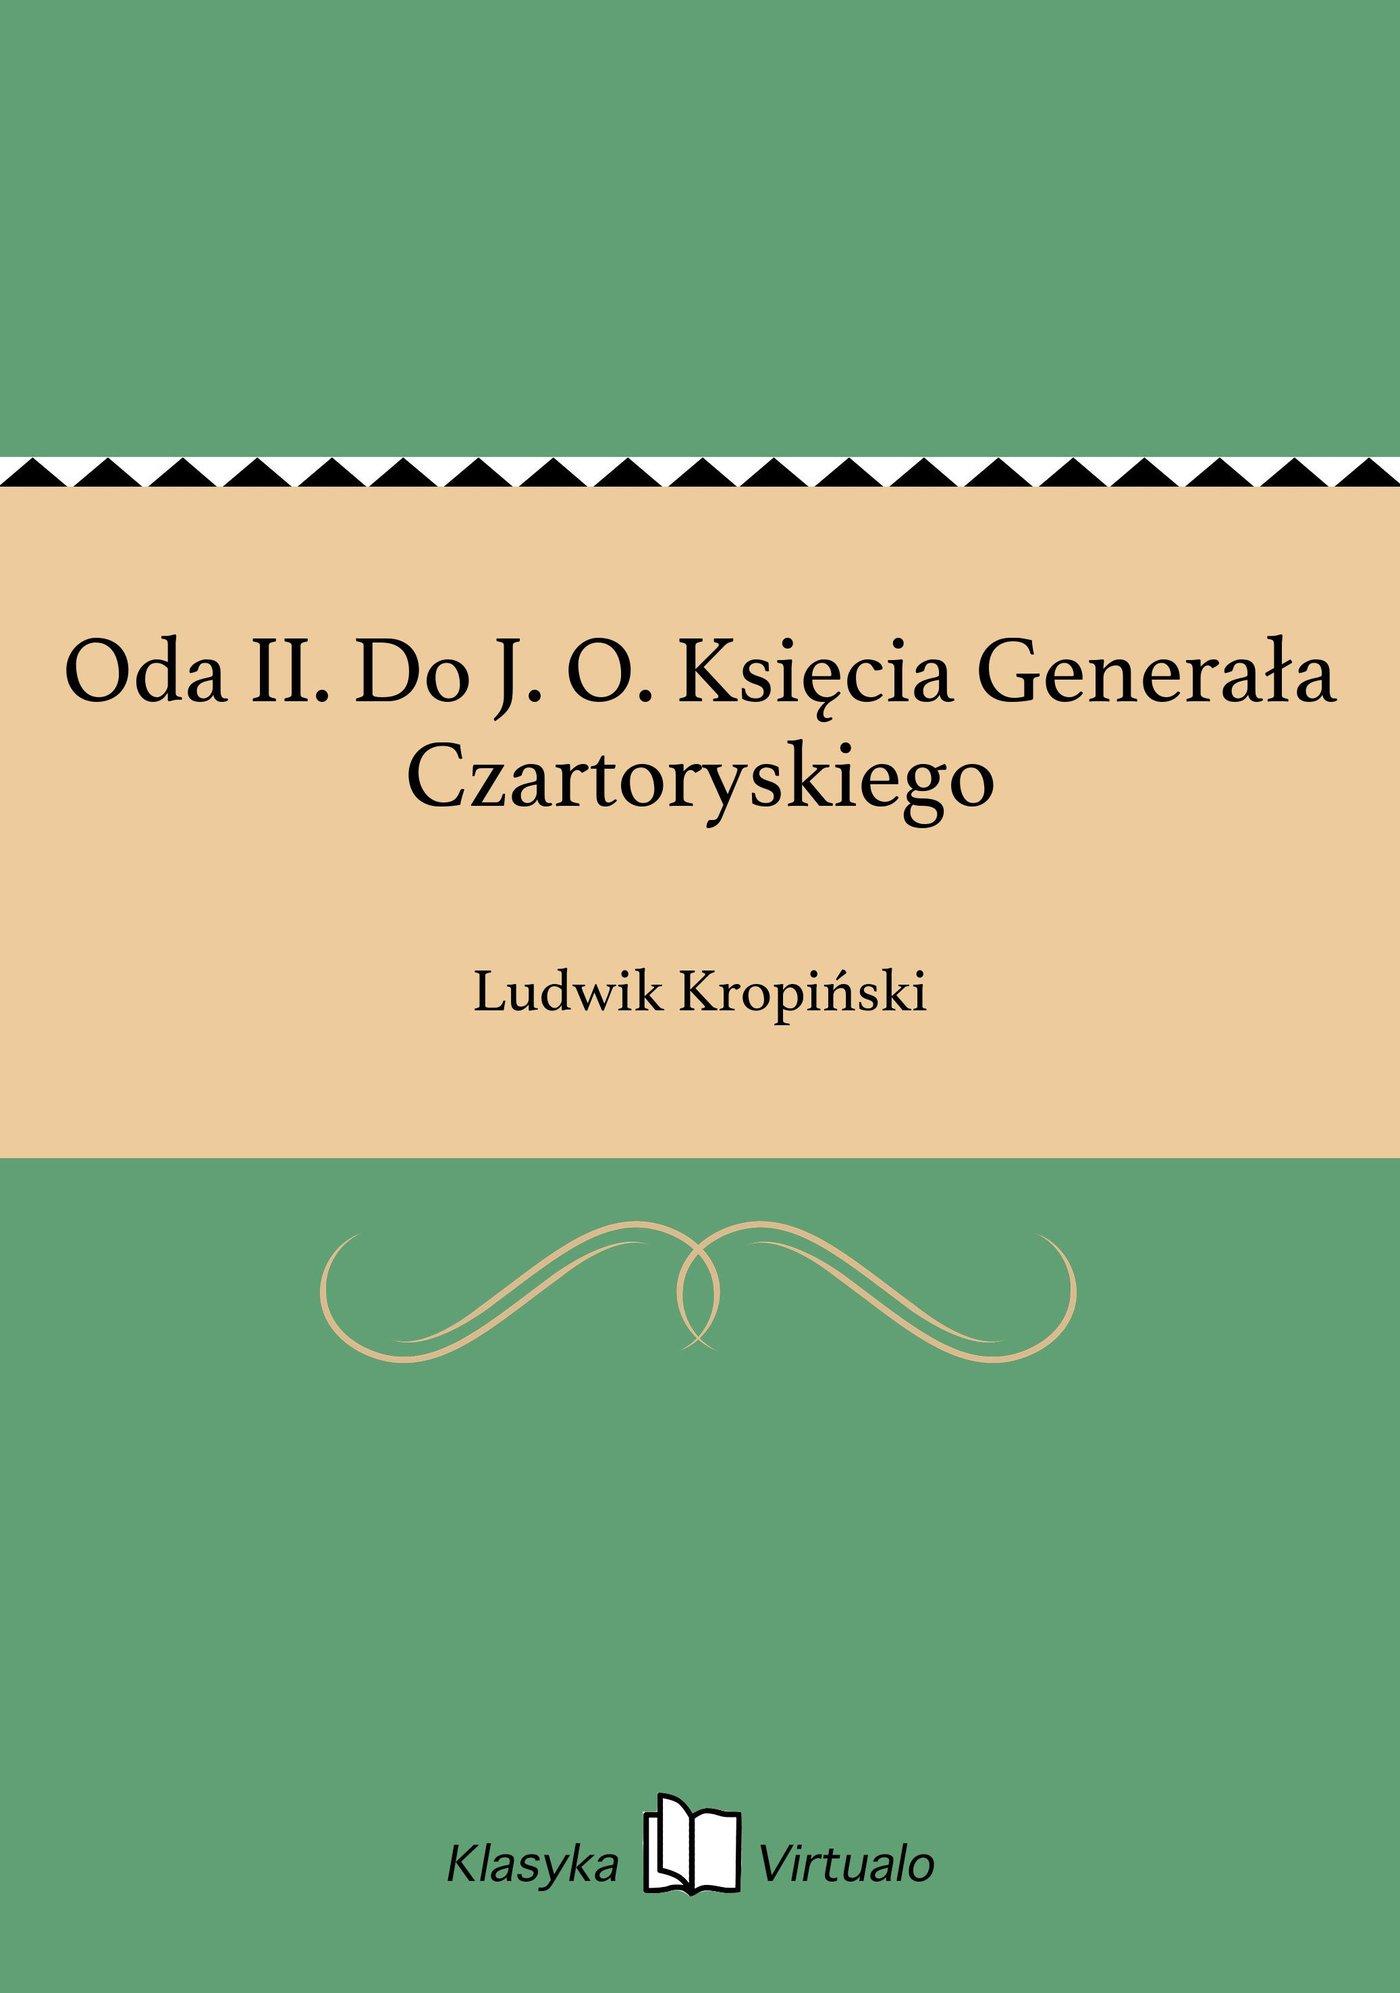 Oda II. Do J. O. Księcia Generała Czartoryskiego - Ebook (Książka EPUB) do pobrania w formacie EPUB